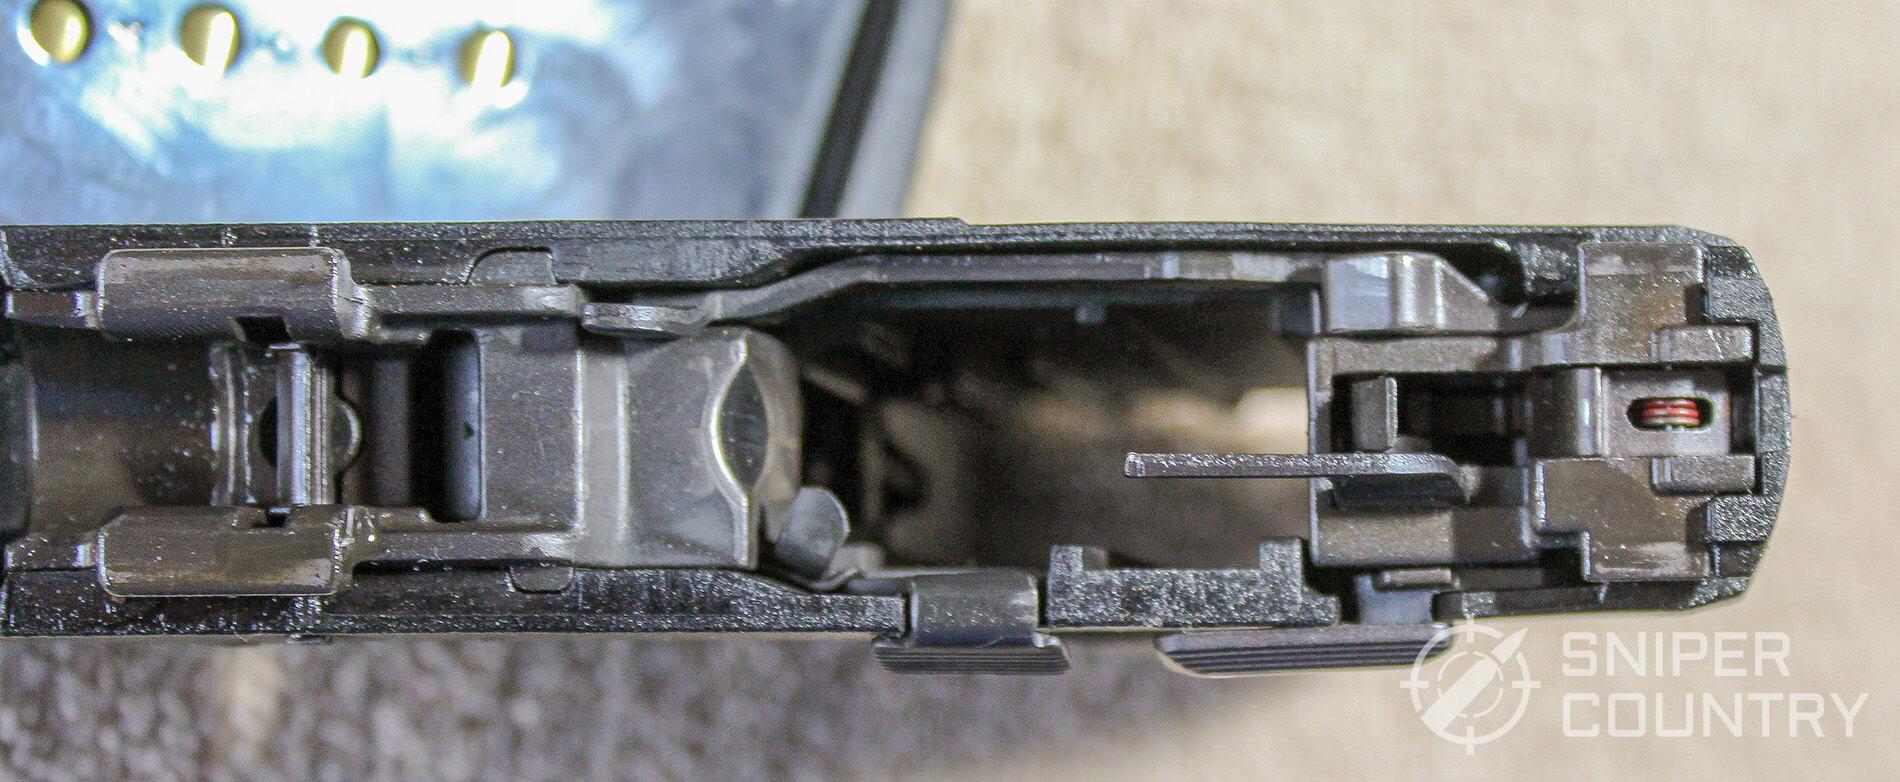 Taurus 709 Slim frame top side